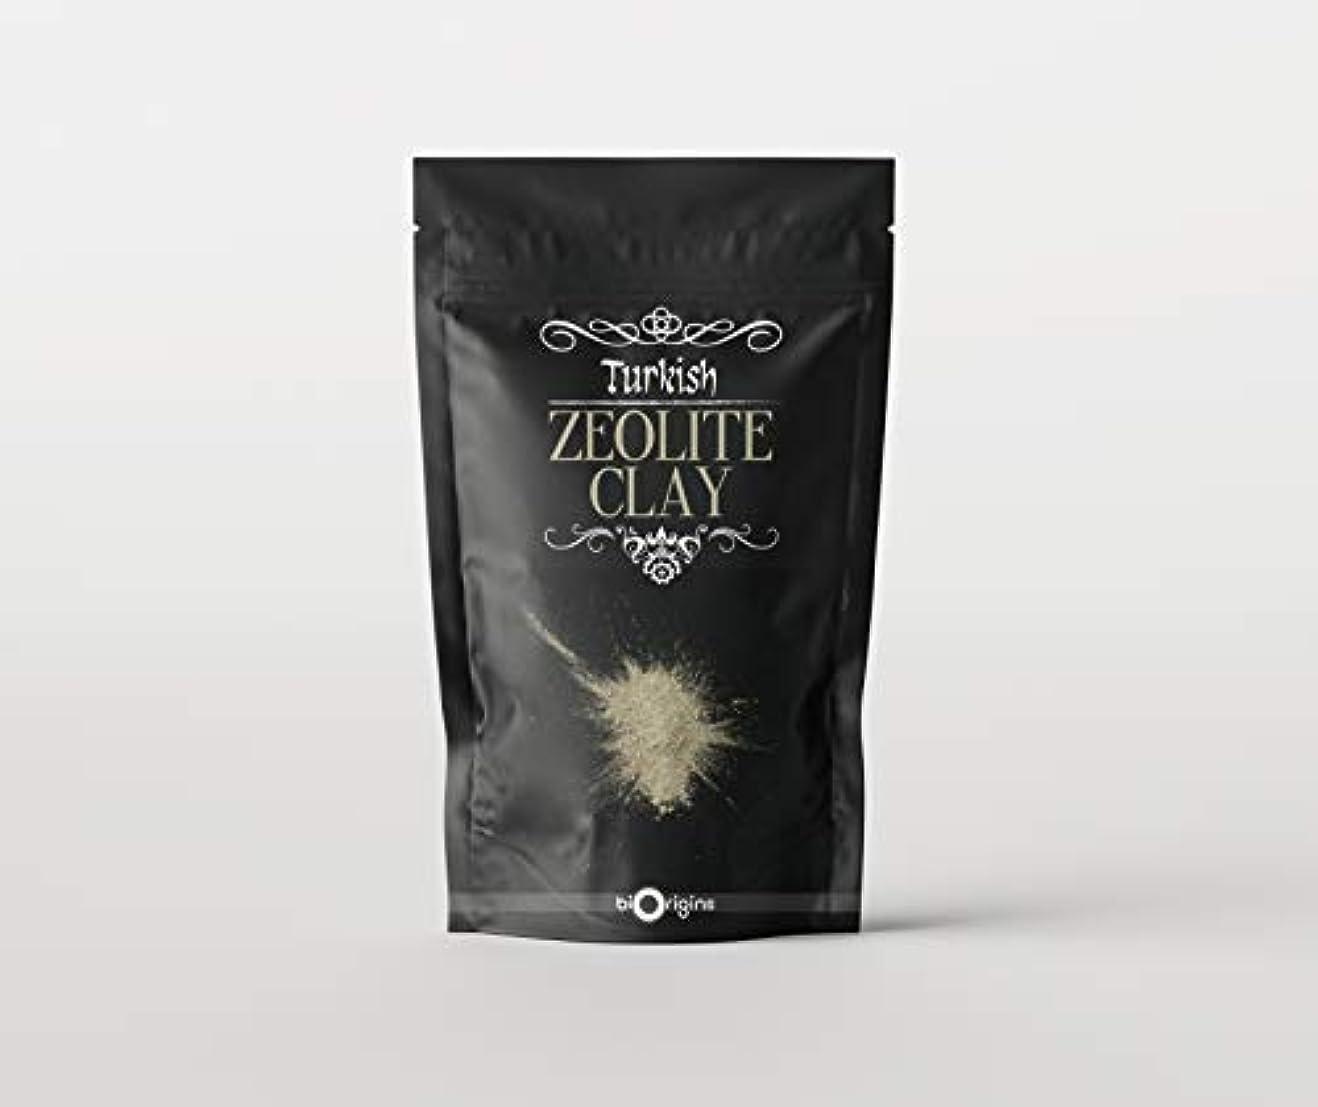 崇拝します決してぼかしZeolite Ultrafine Clay - 1Kg